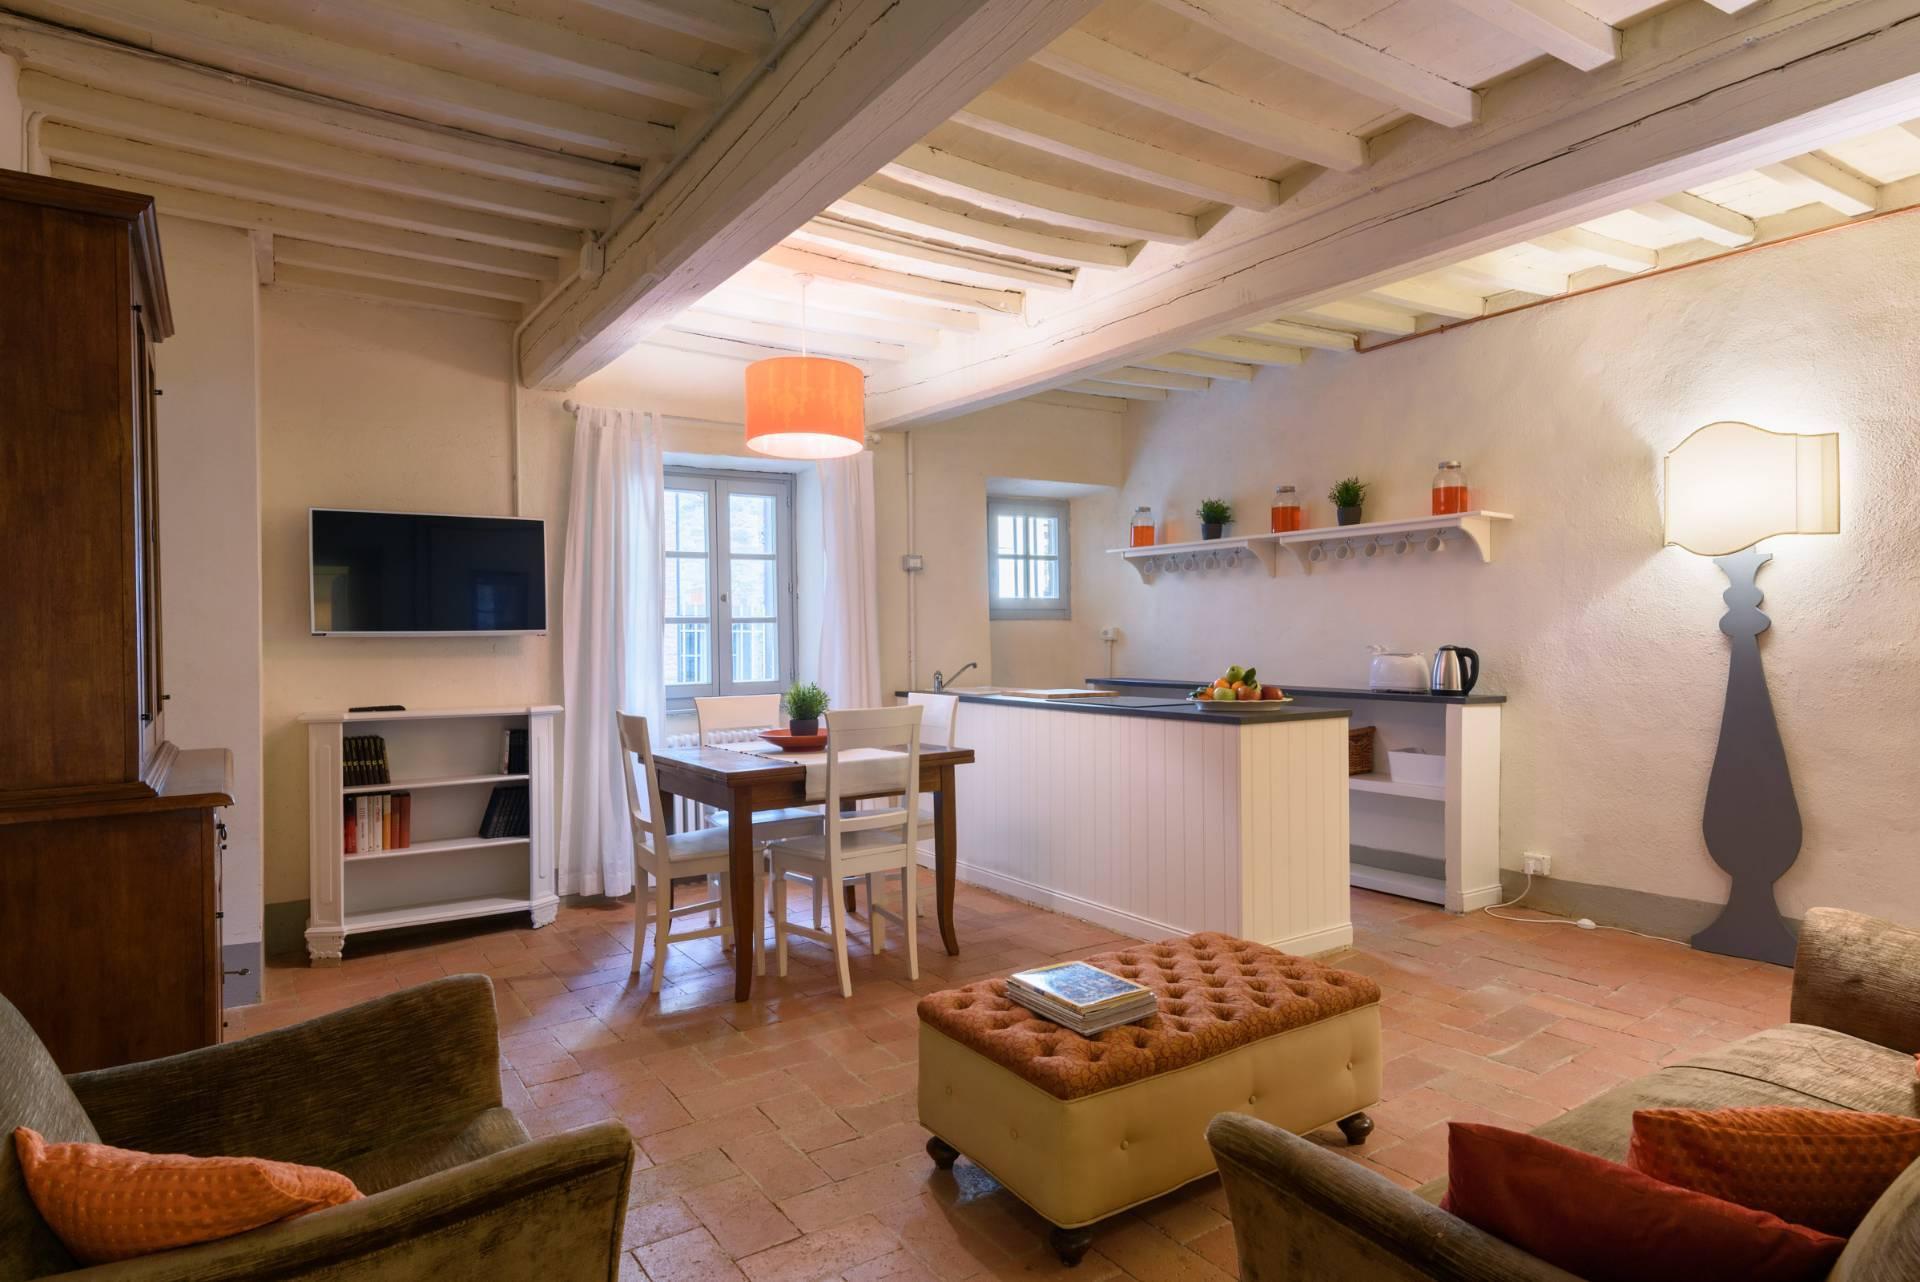 Appartamento in vendita a Anghiari, 3 locali, zona Zona: Scheggia, prezzo € 120.000 | CambioCasa.it